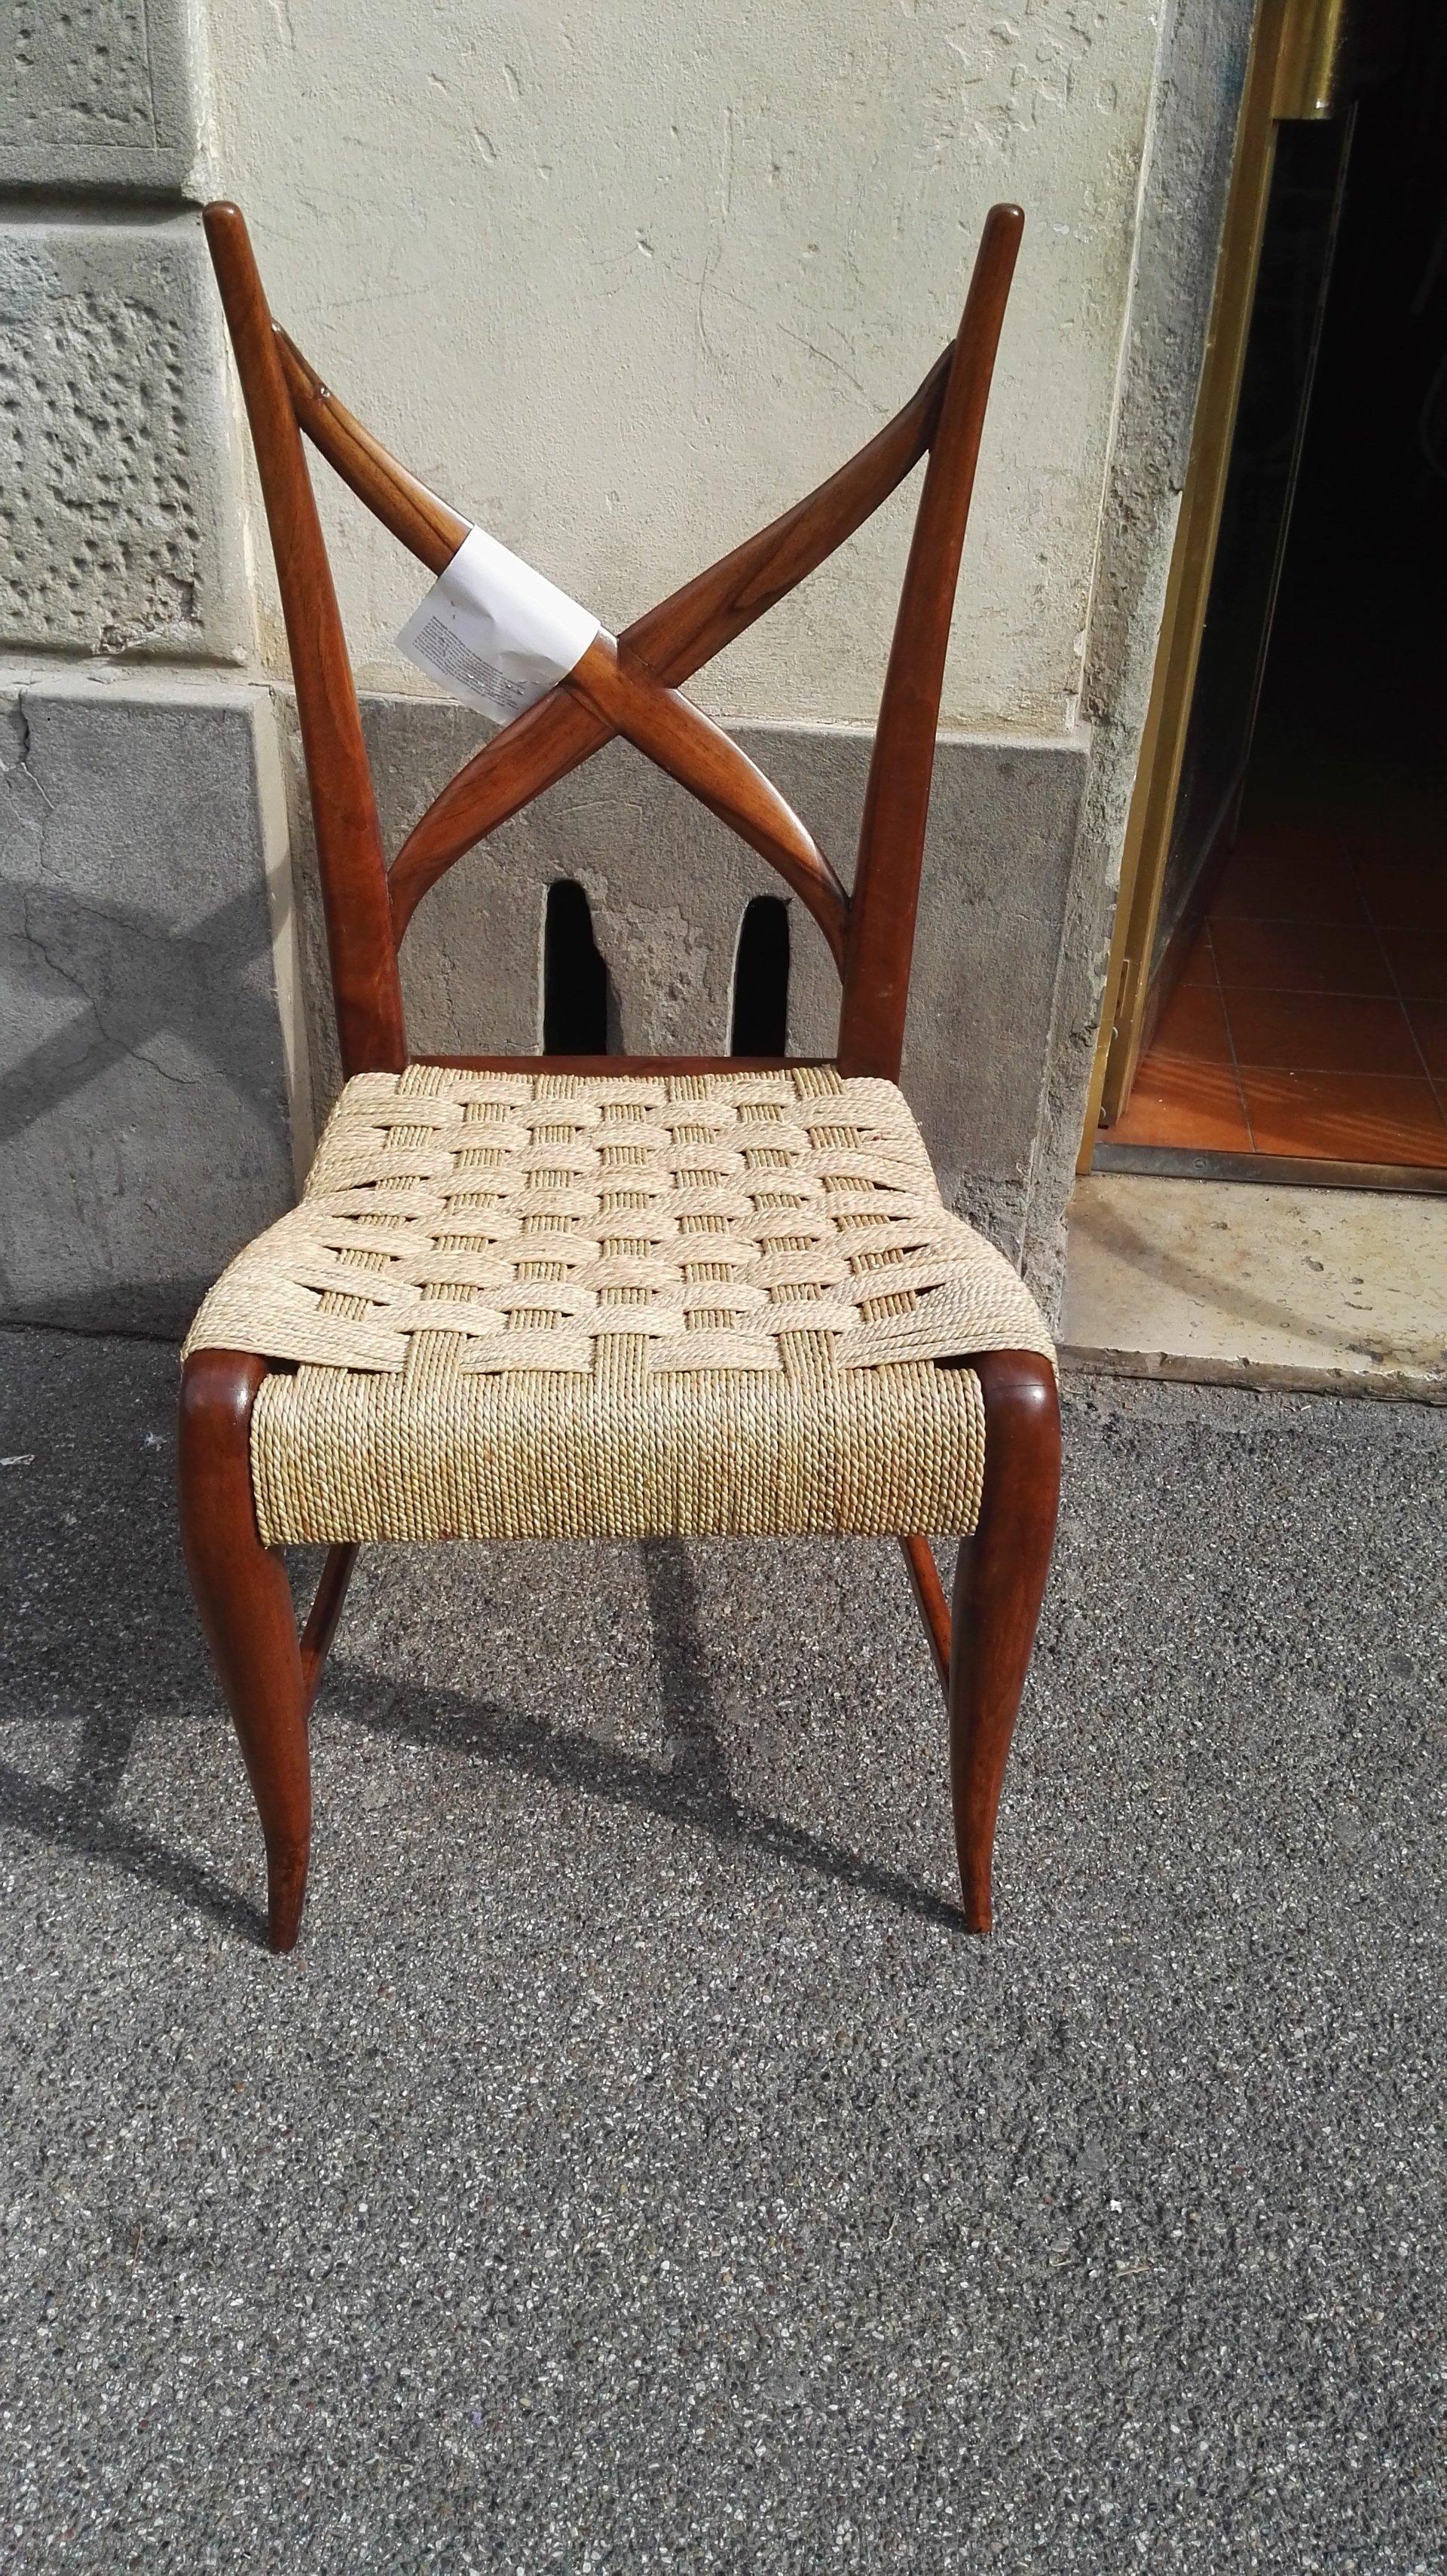 sedia con particolare schienale in legno e seduta in complesse trame di paglia intrecciata